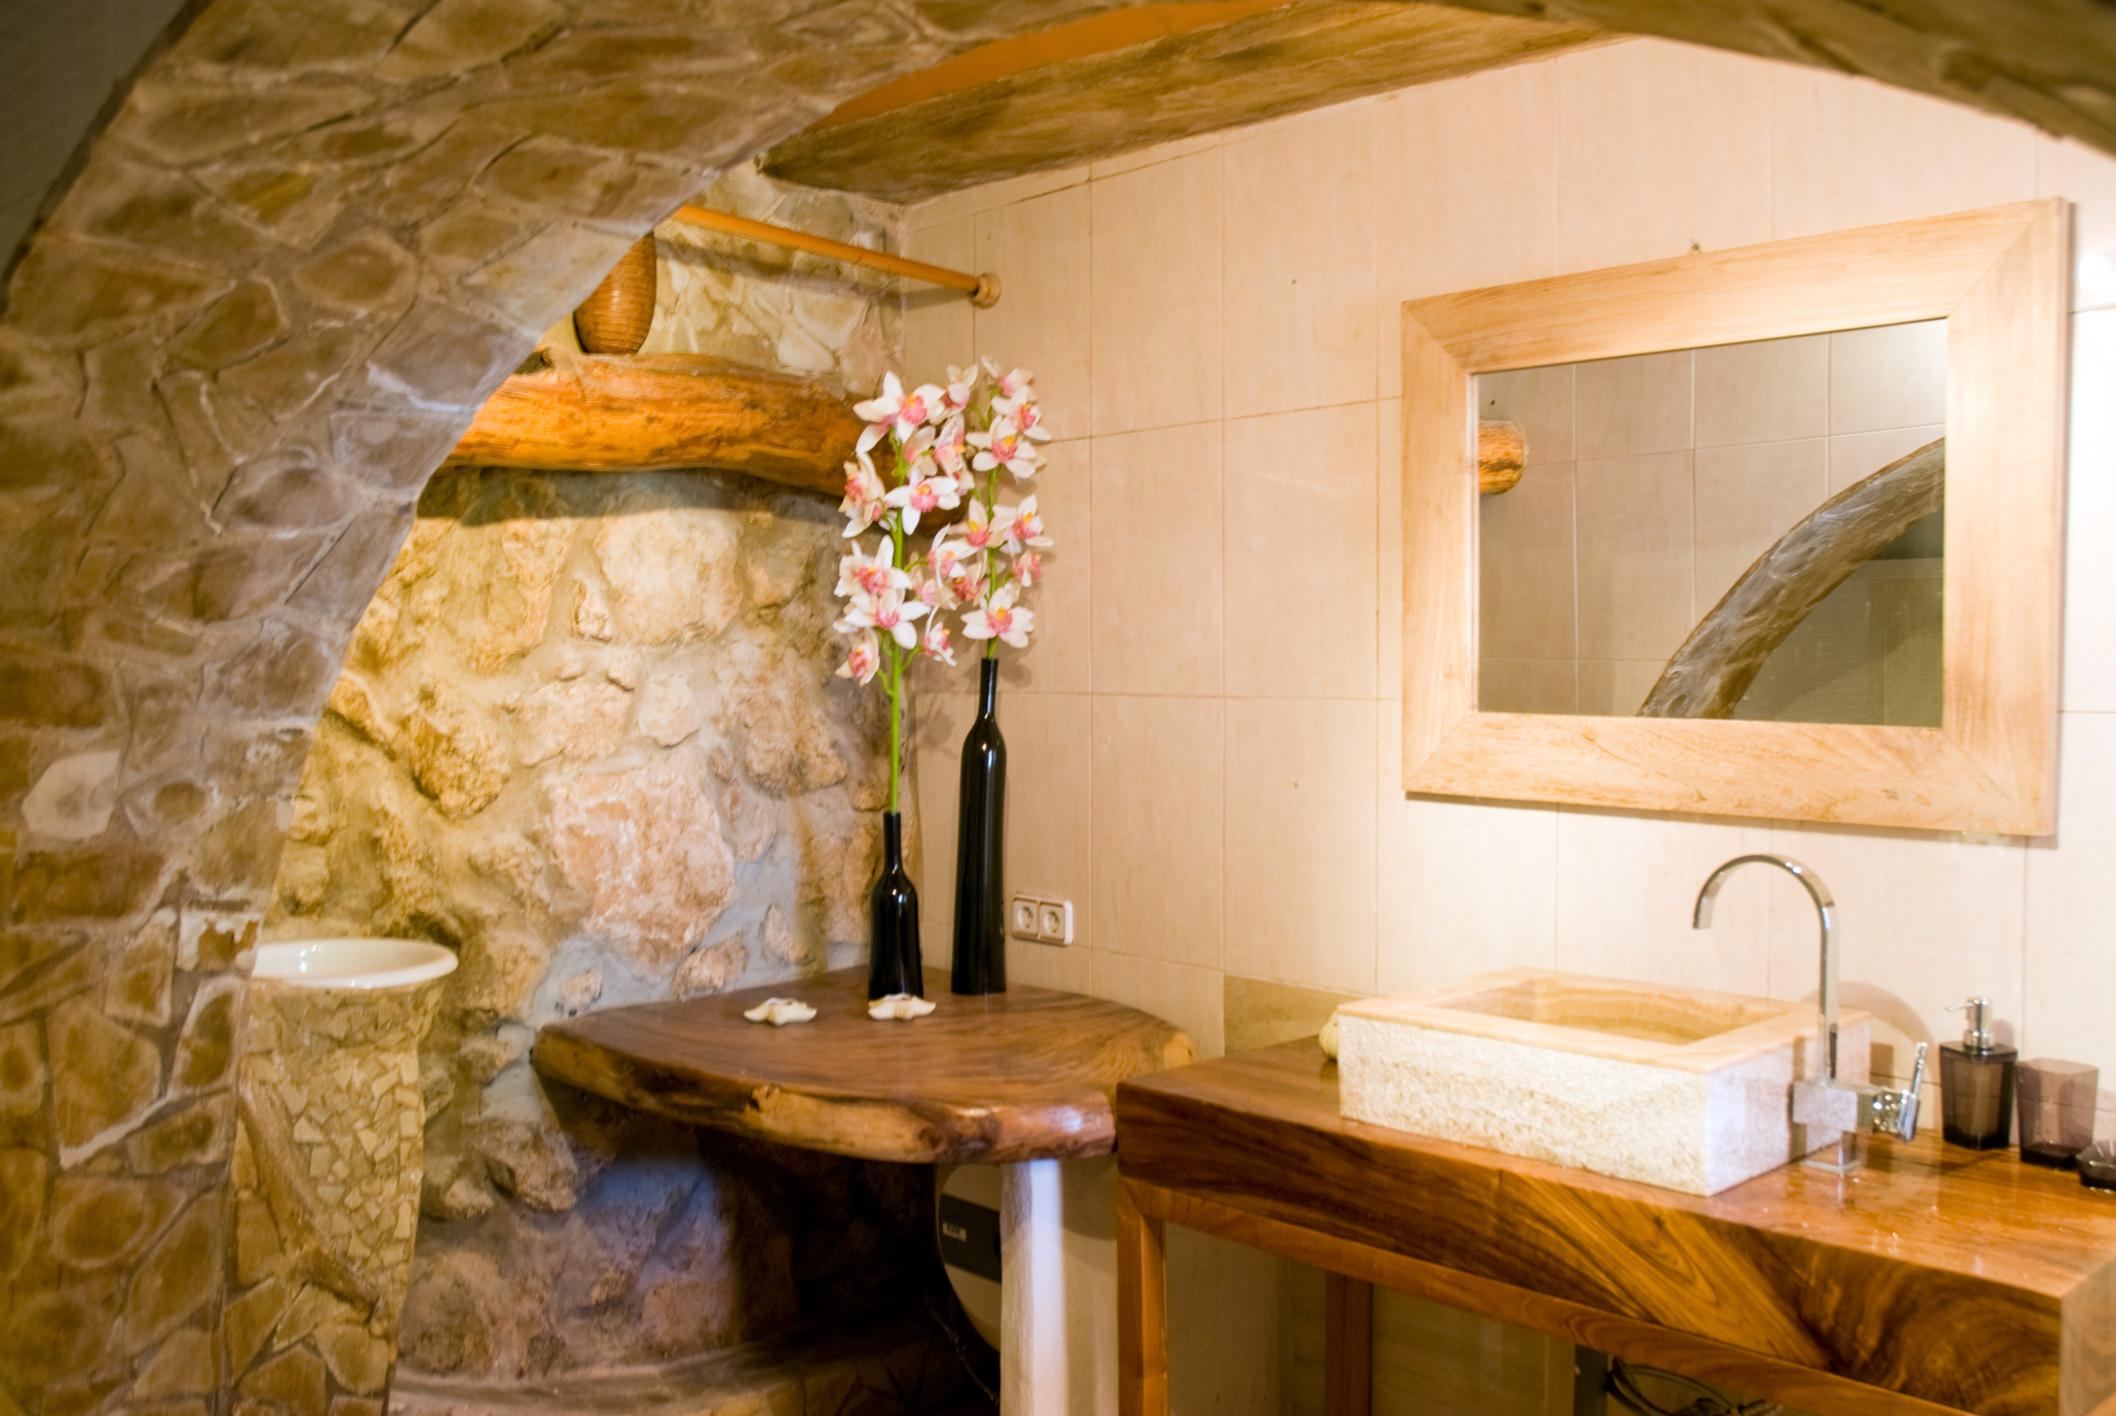 Fundamenta – Otthonok és megoldások Rusztikus meleg fürdőszoba - Fundamenta - Otthonok és megoldások